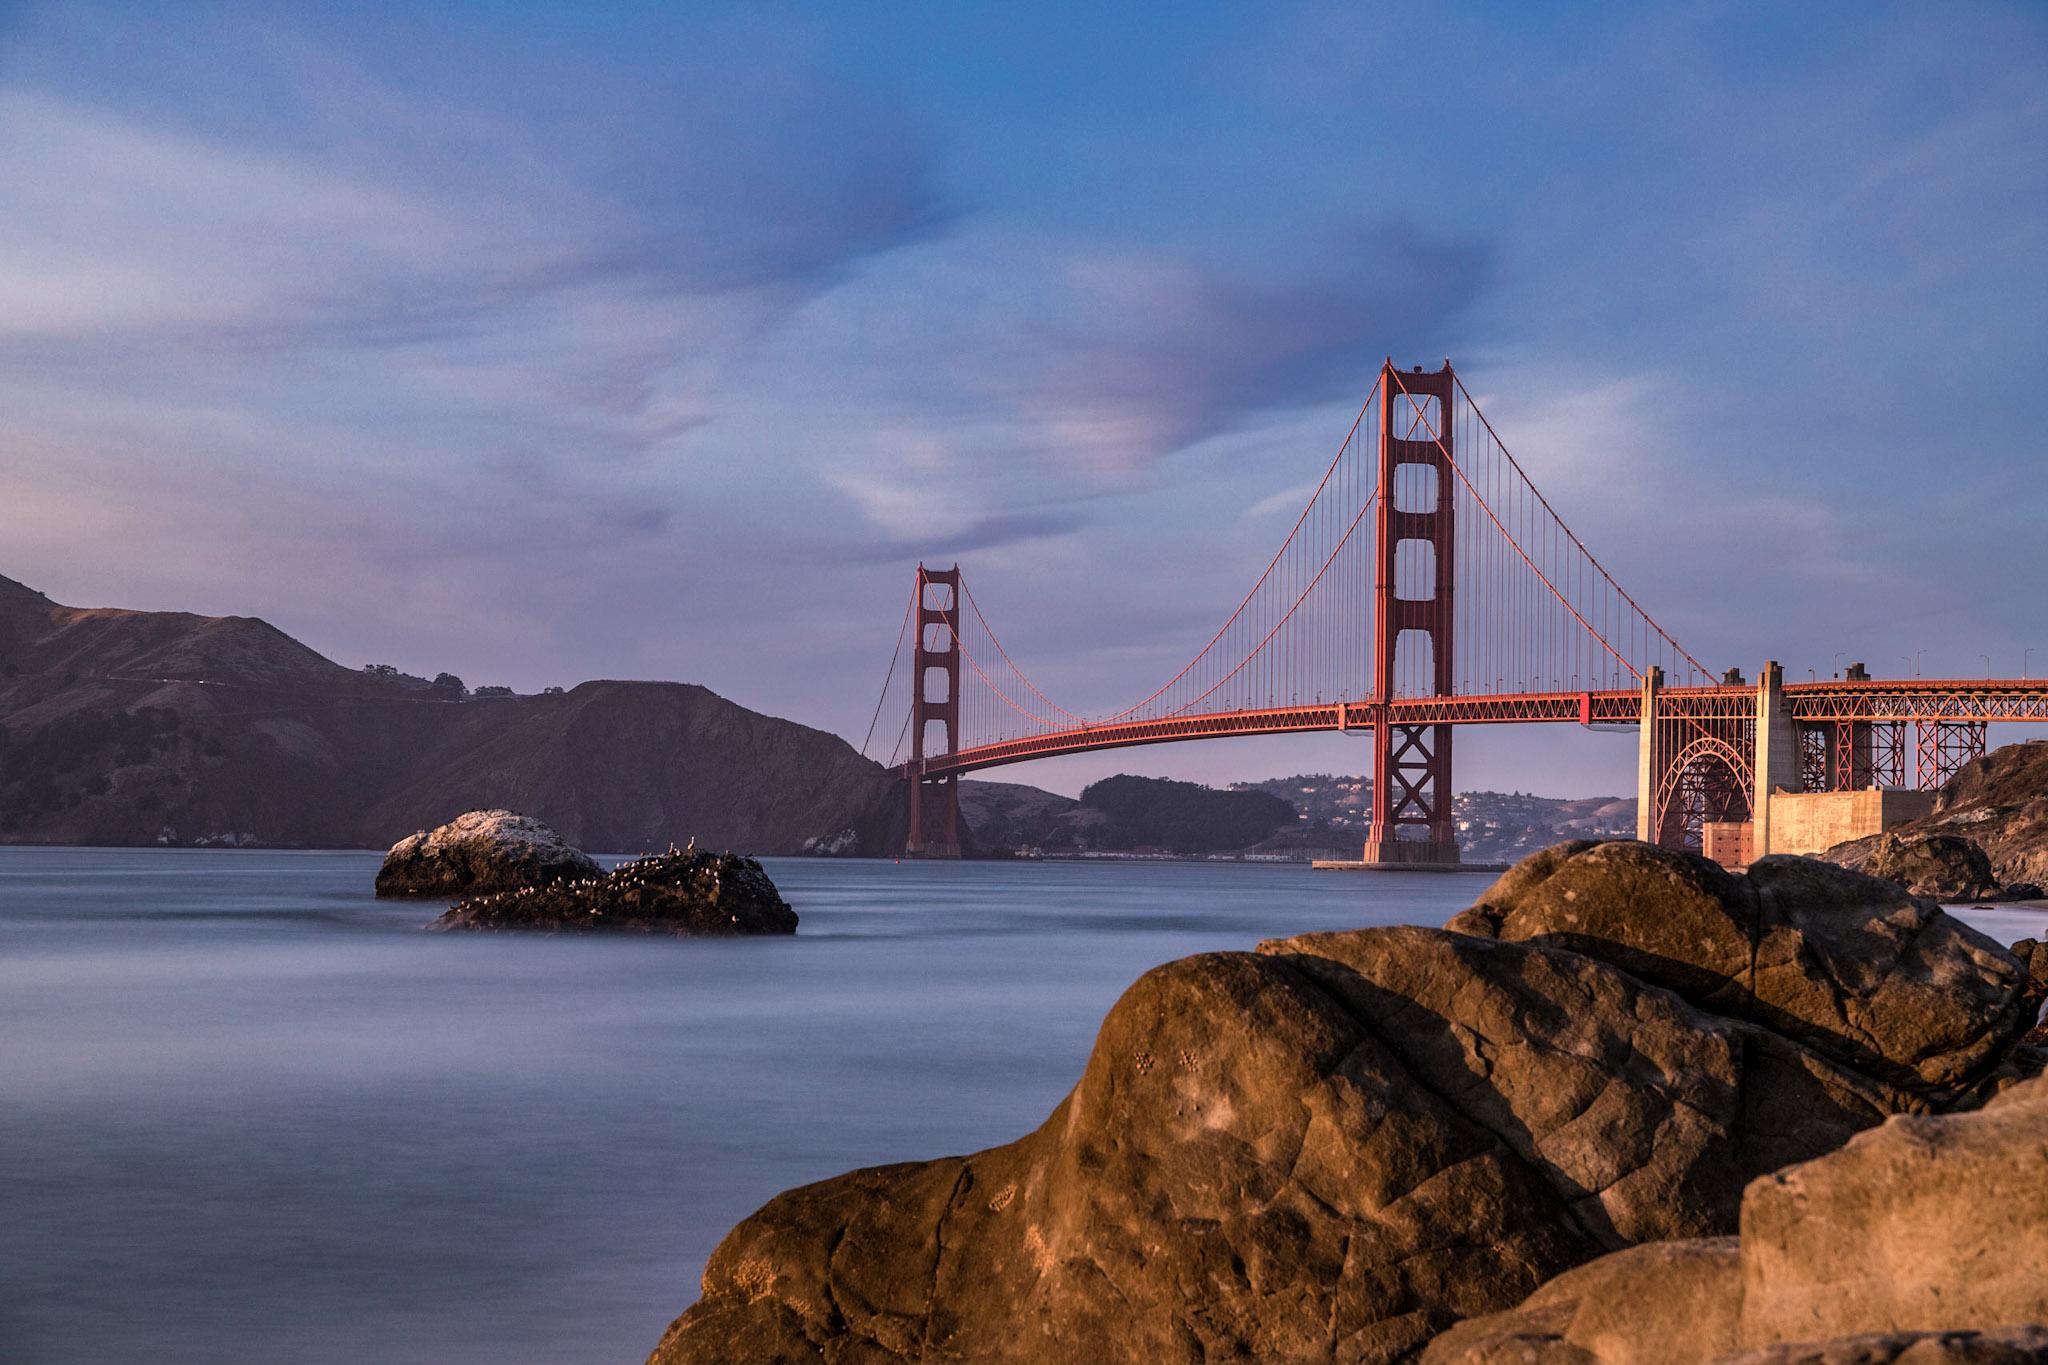 Golden Gate Bridge from Baker Beach, USA